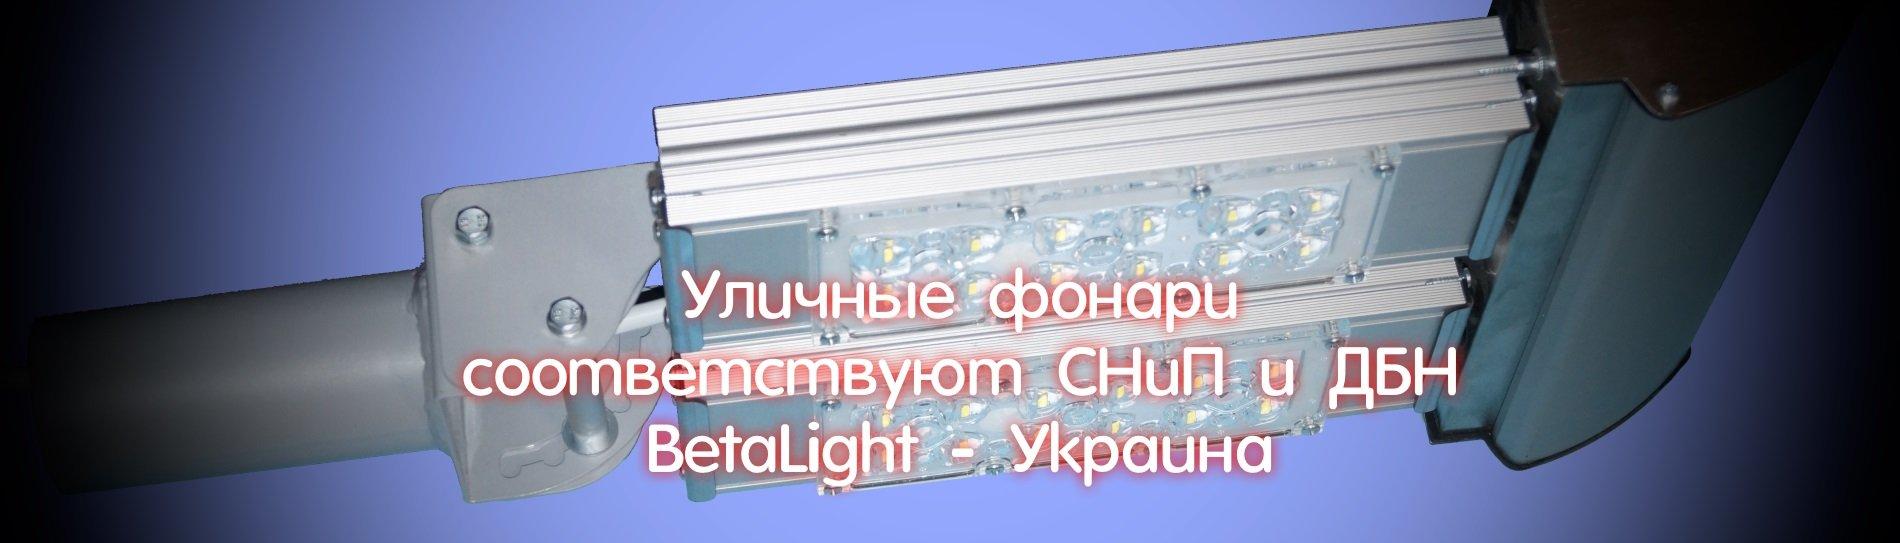 Уличные фонари соответствуют СниП и ДБН